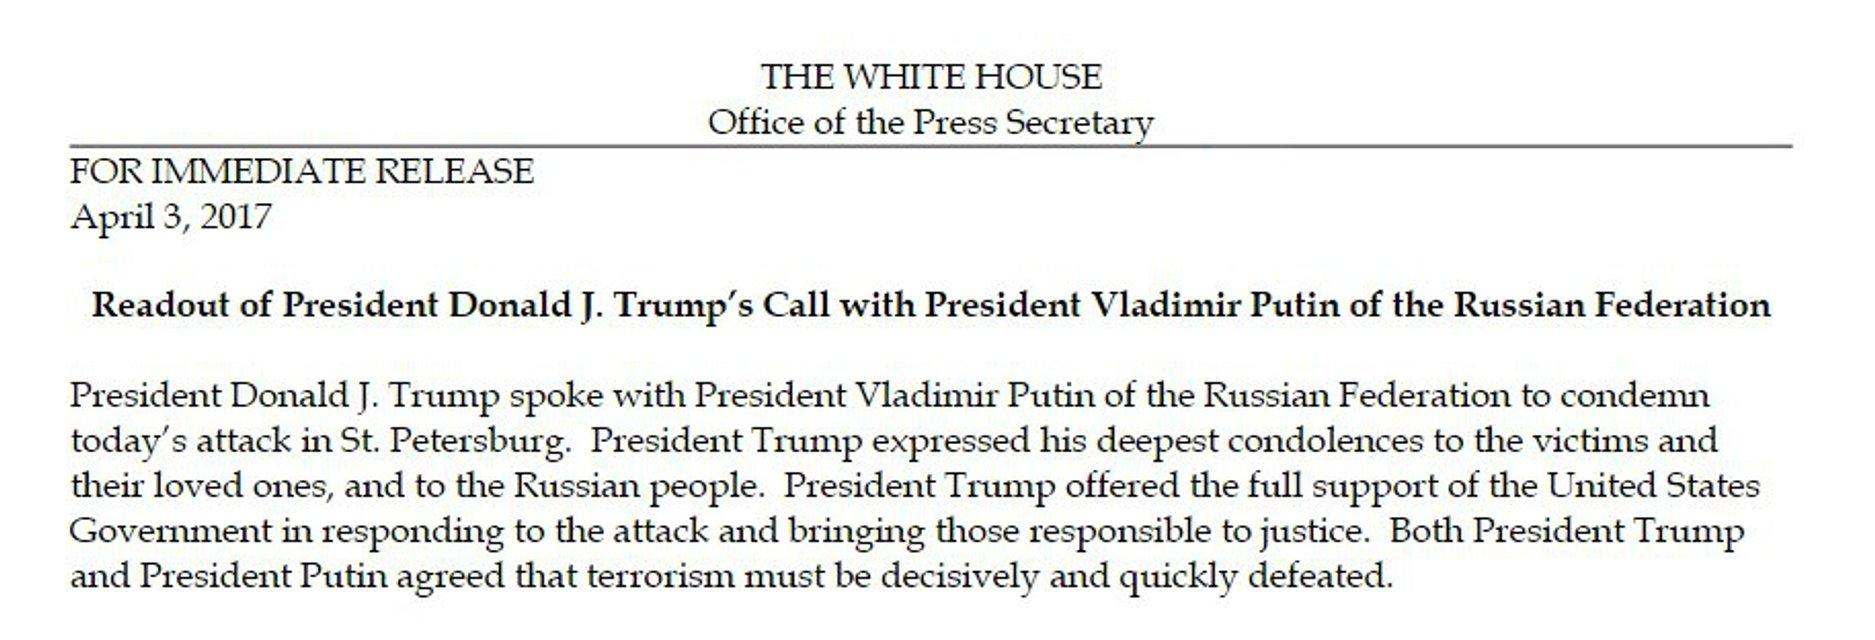 Теракт в Санкт-Петербурге: Трамп предложил Путину помощь в расследовании - фото 41041